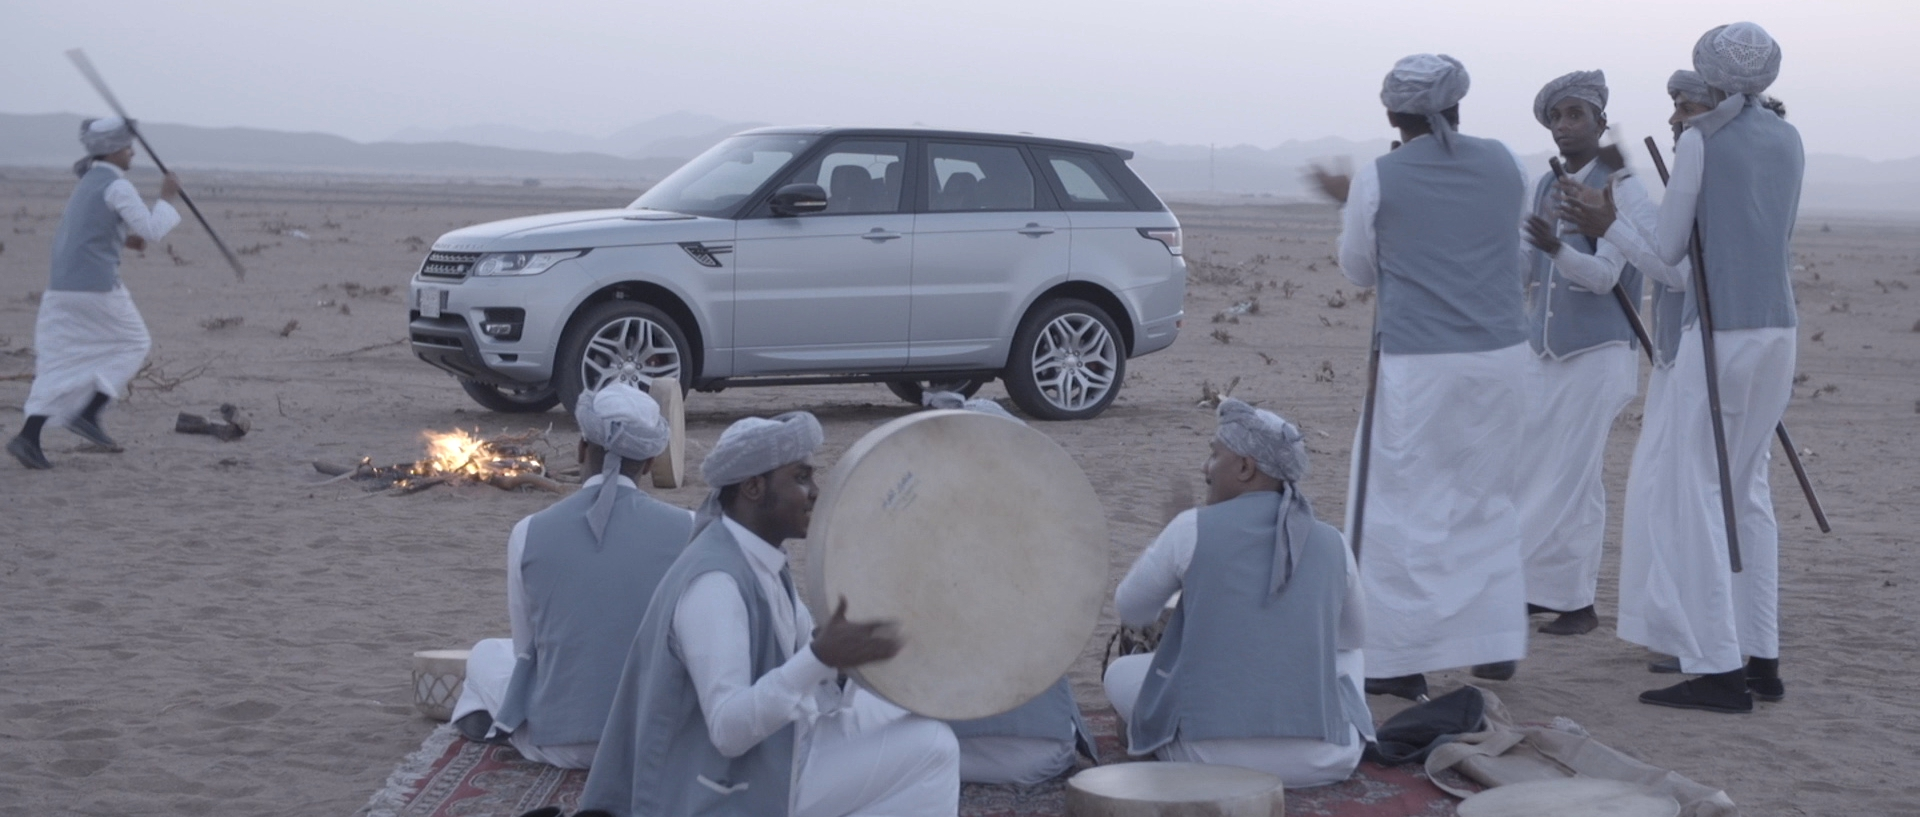 Sara al arab land rover_1.70.1.jpg